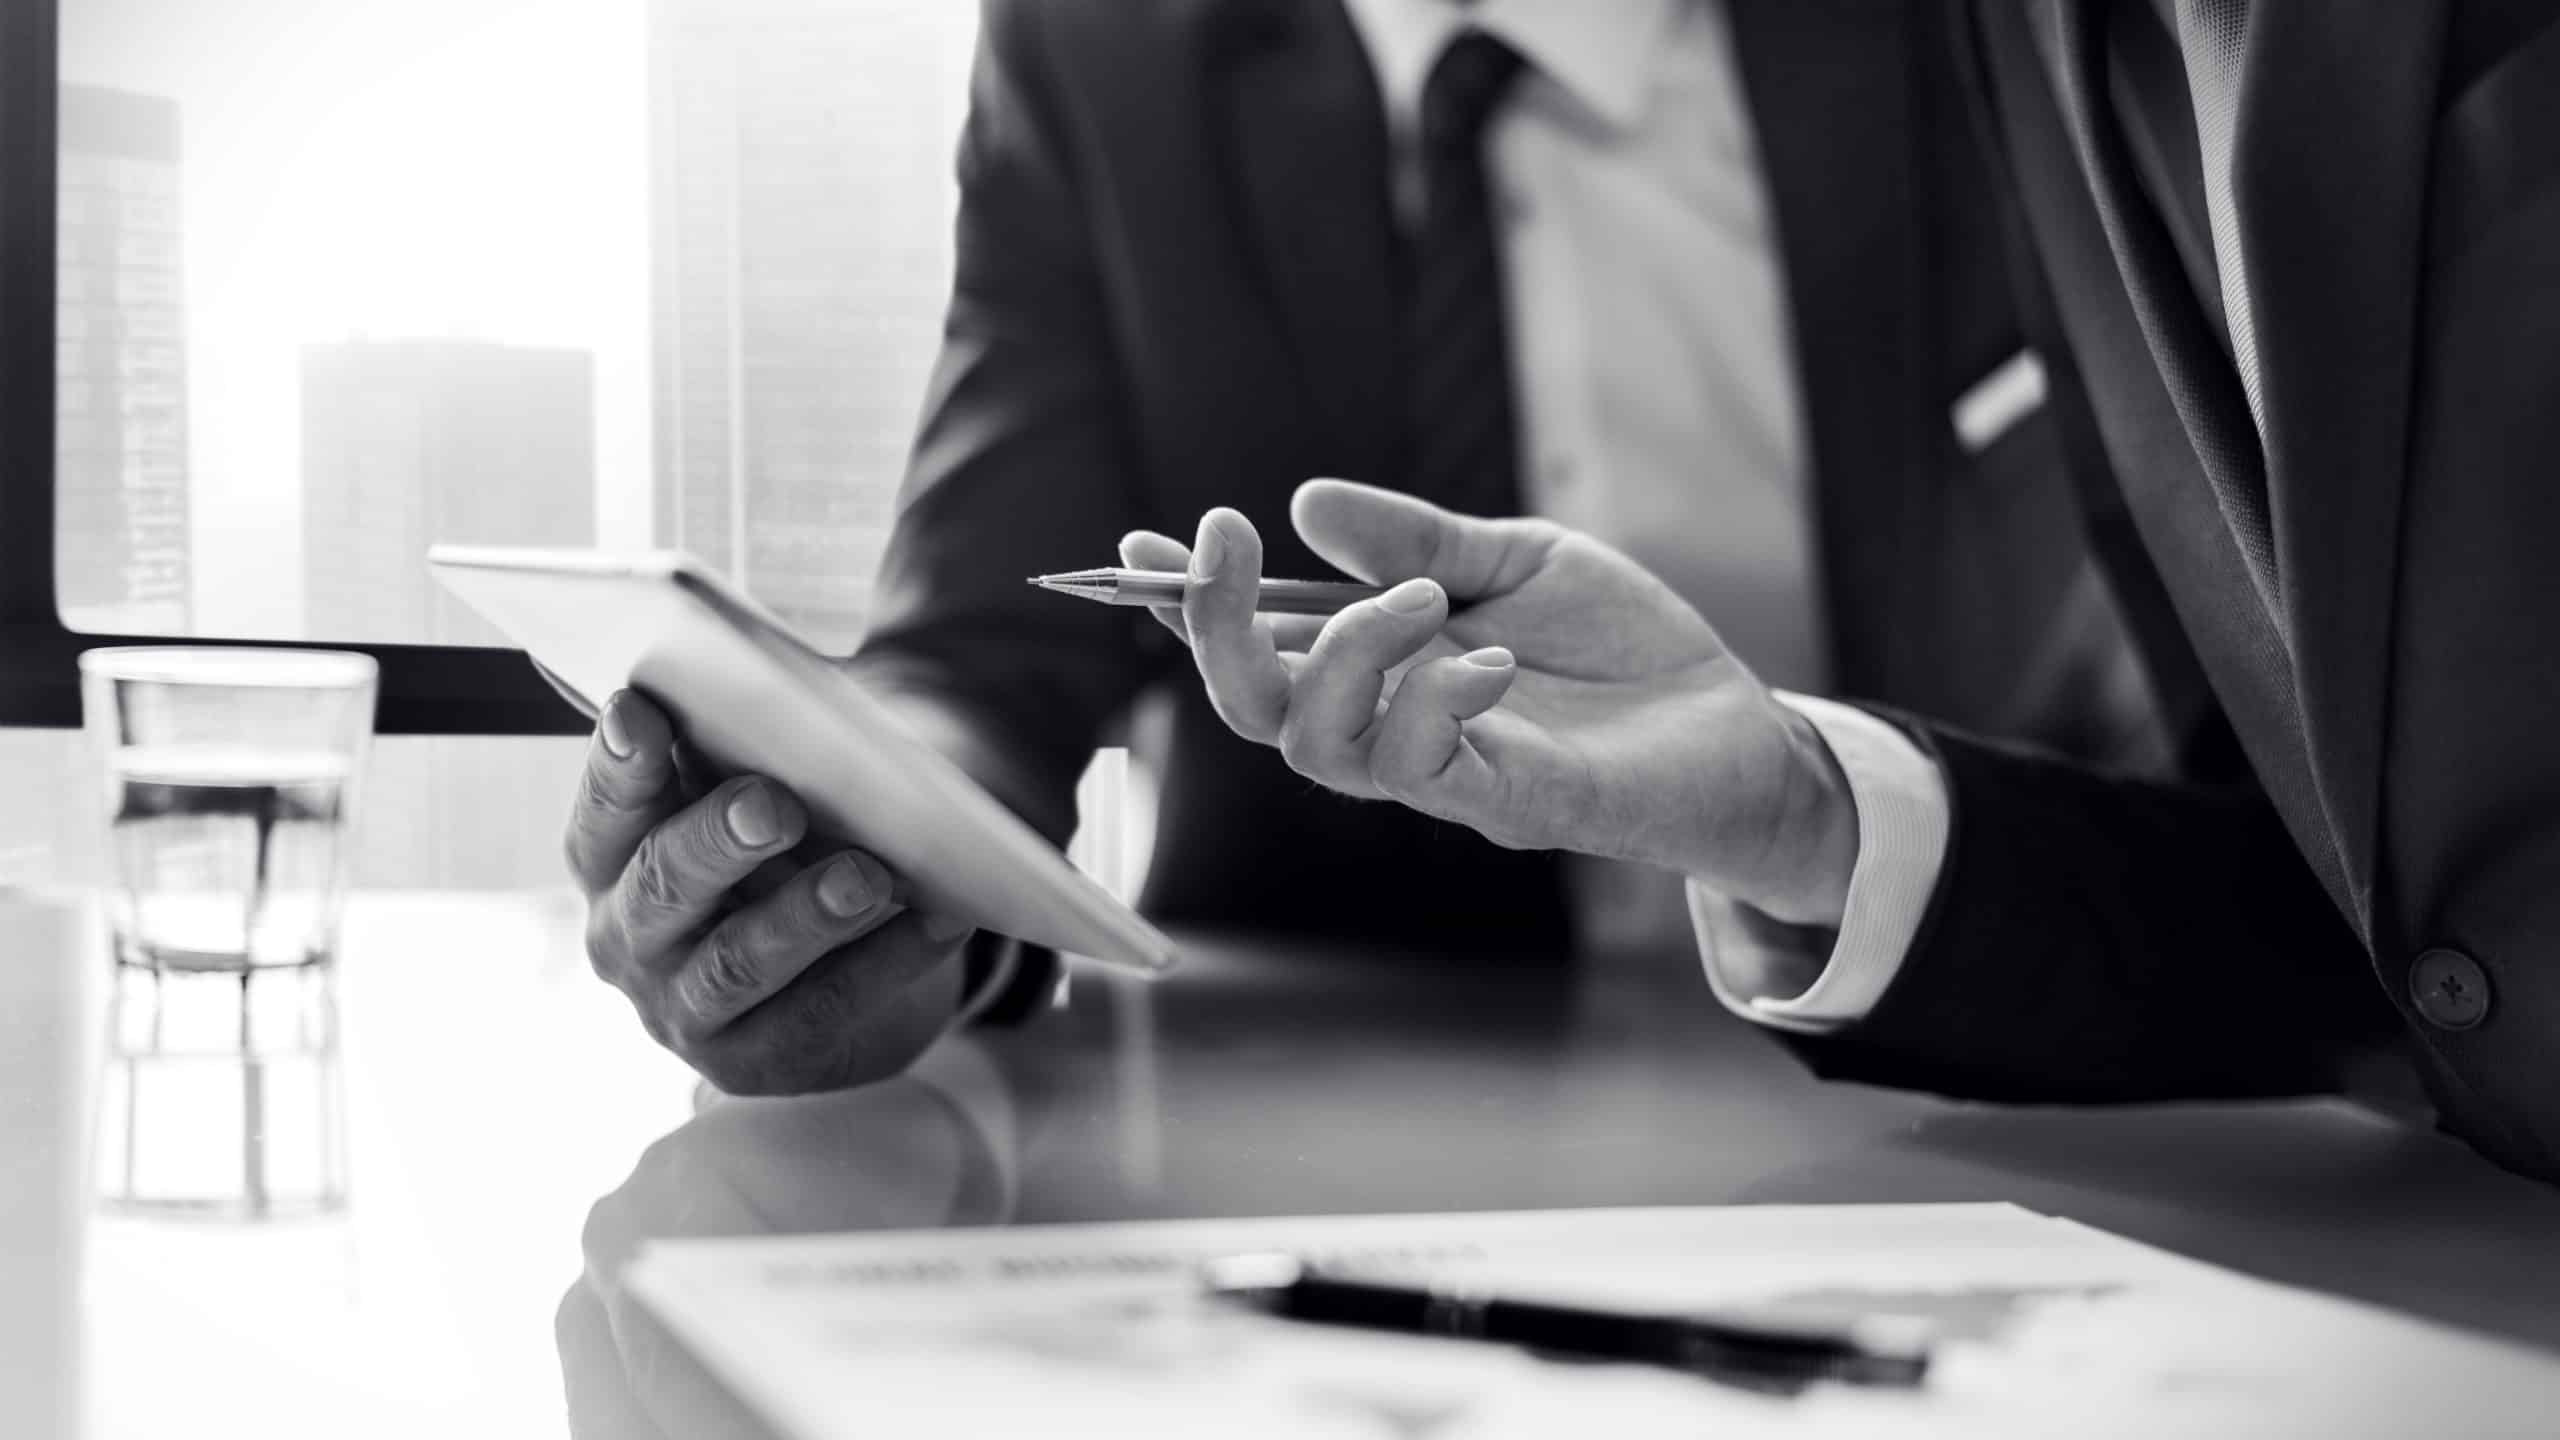 מומחה עוזר לבעל עסק ייעוץ לביטחון העסק